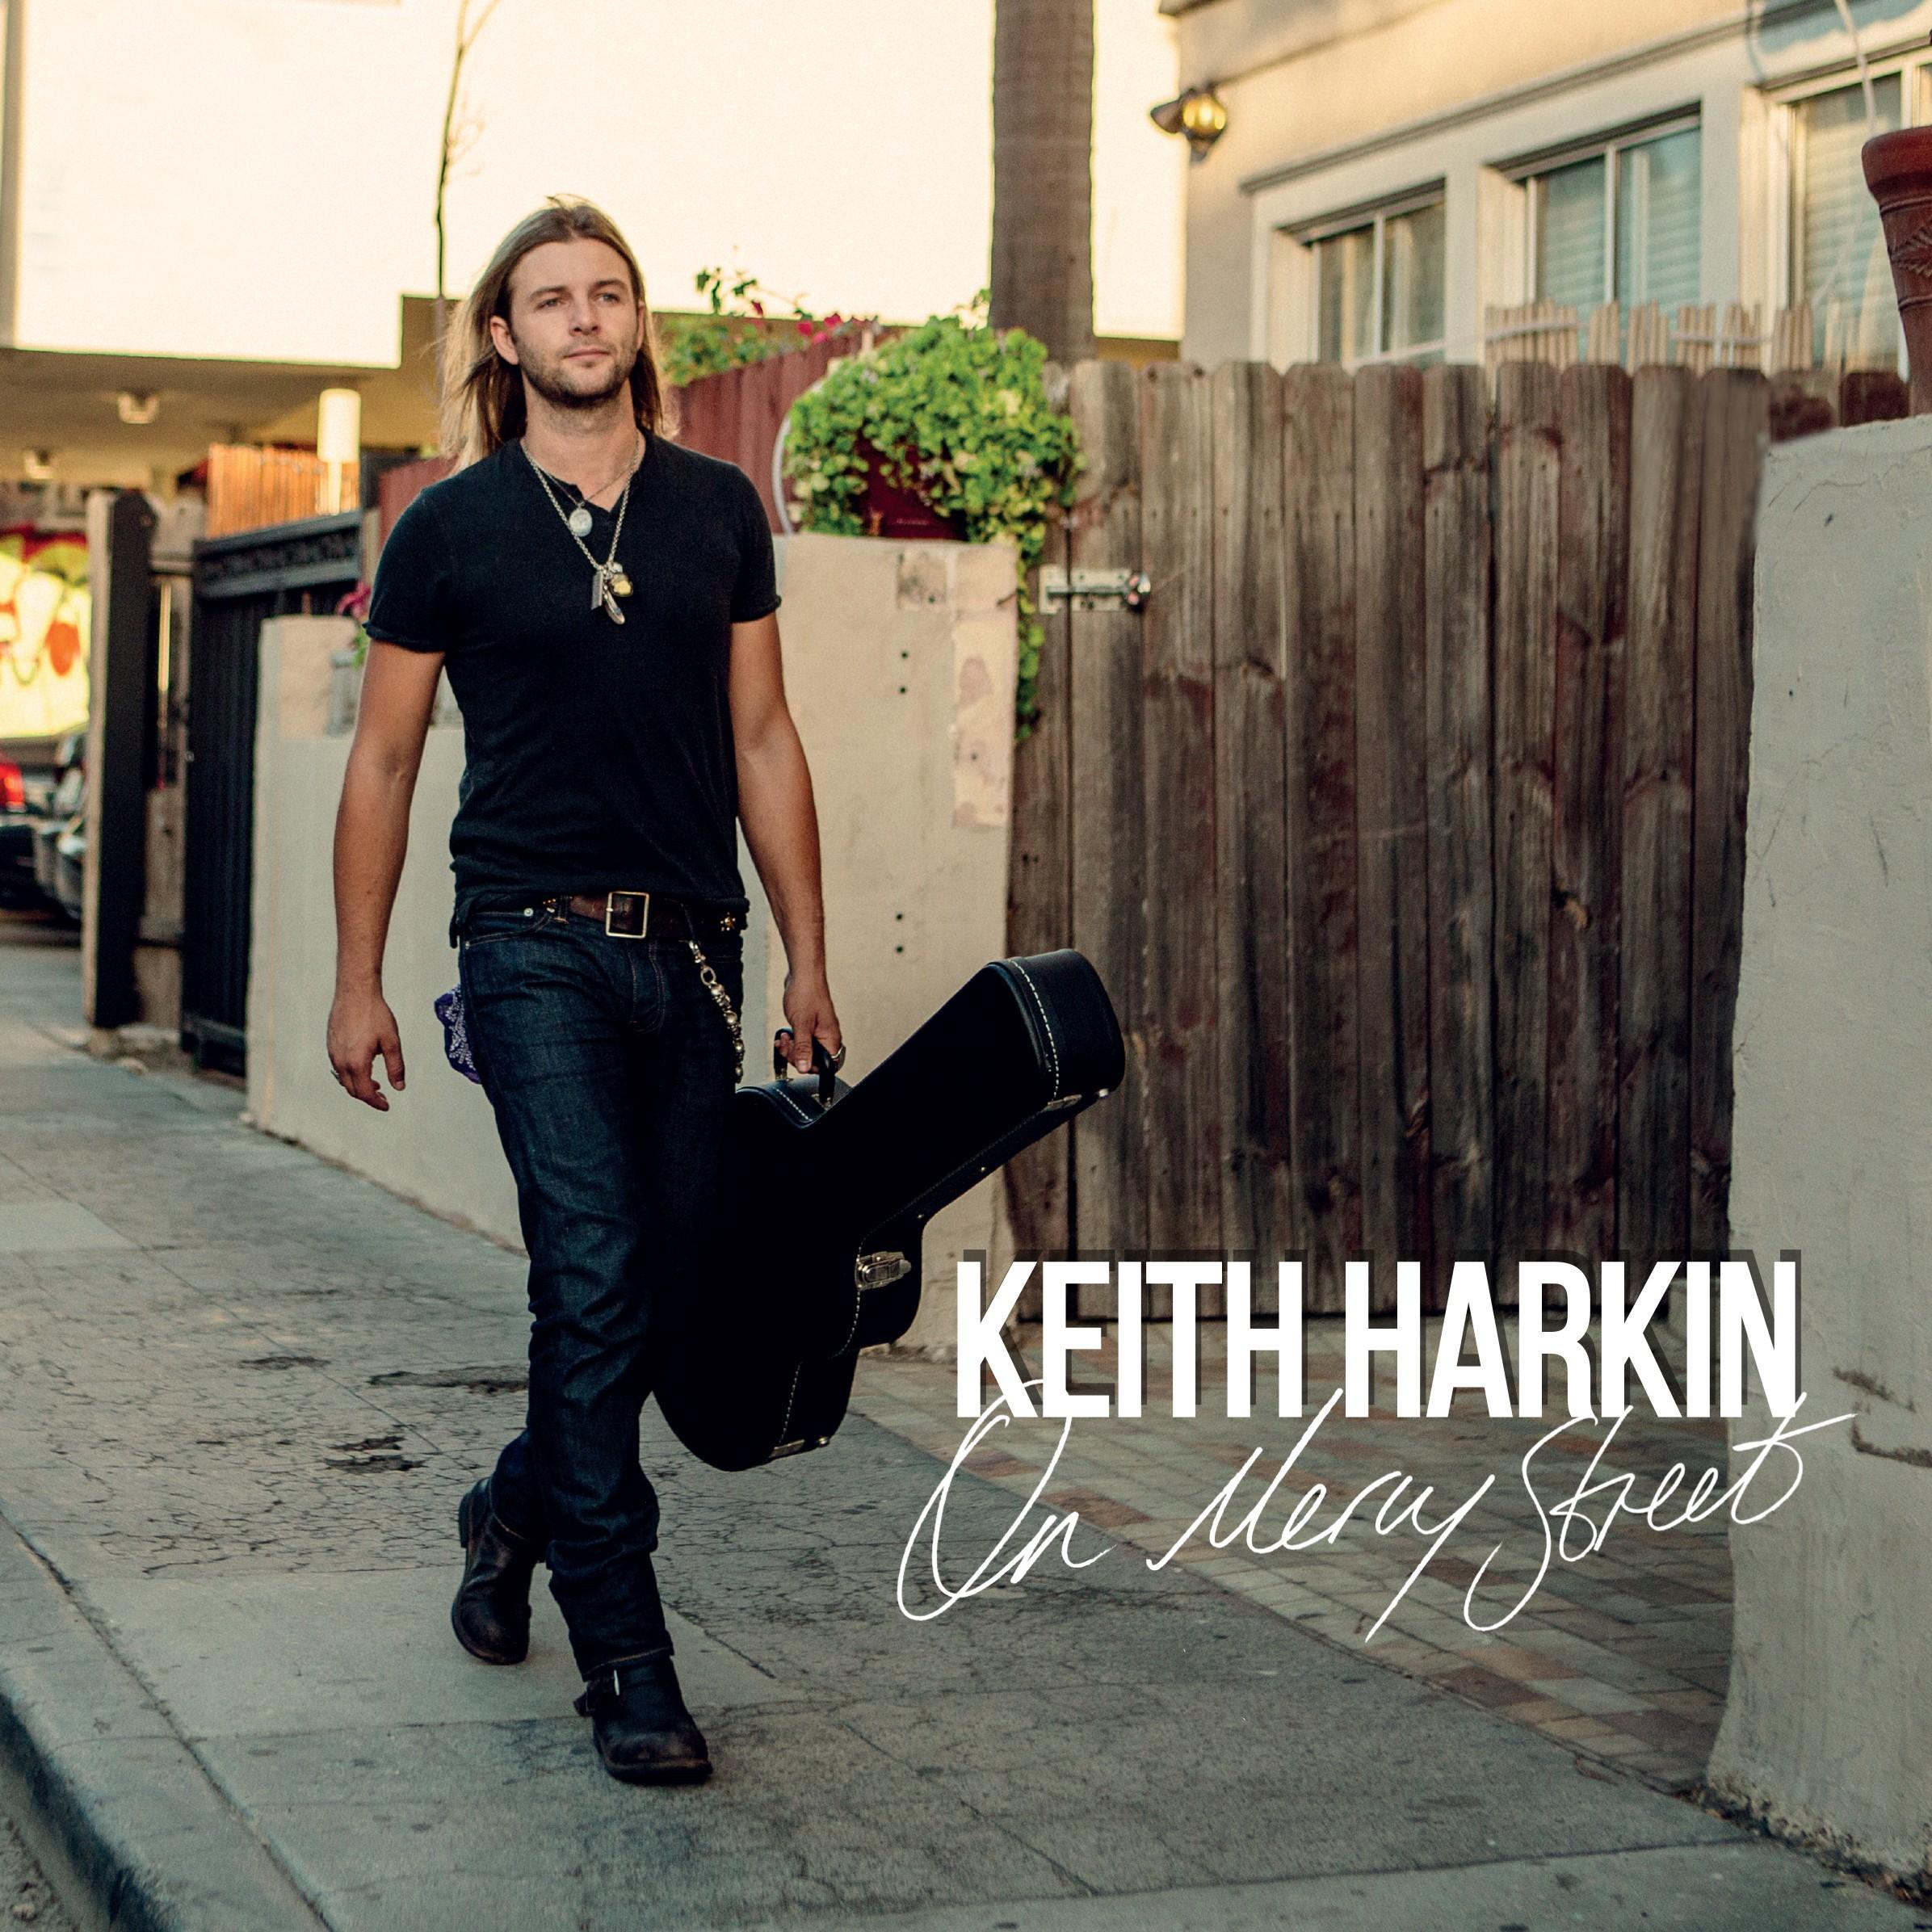 On Mercy Street Keith Harkin